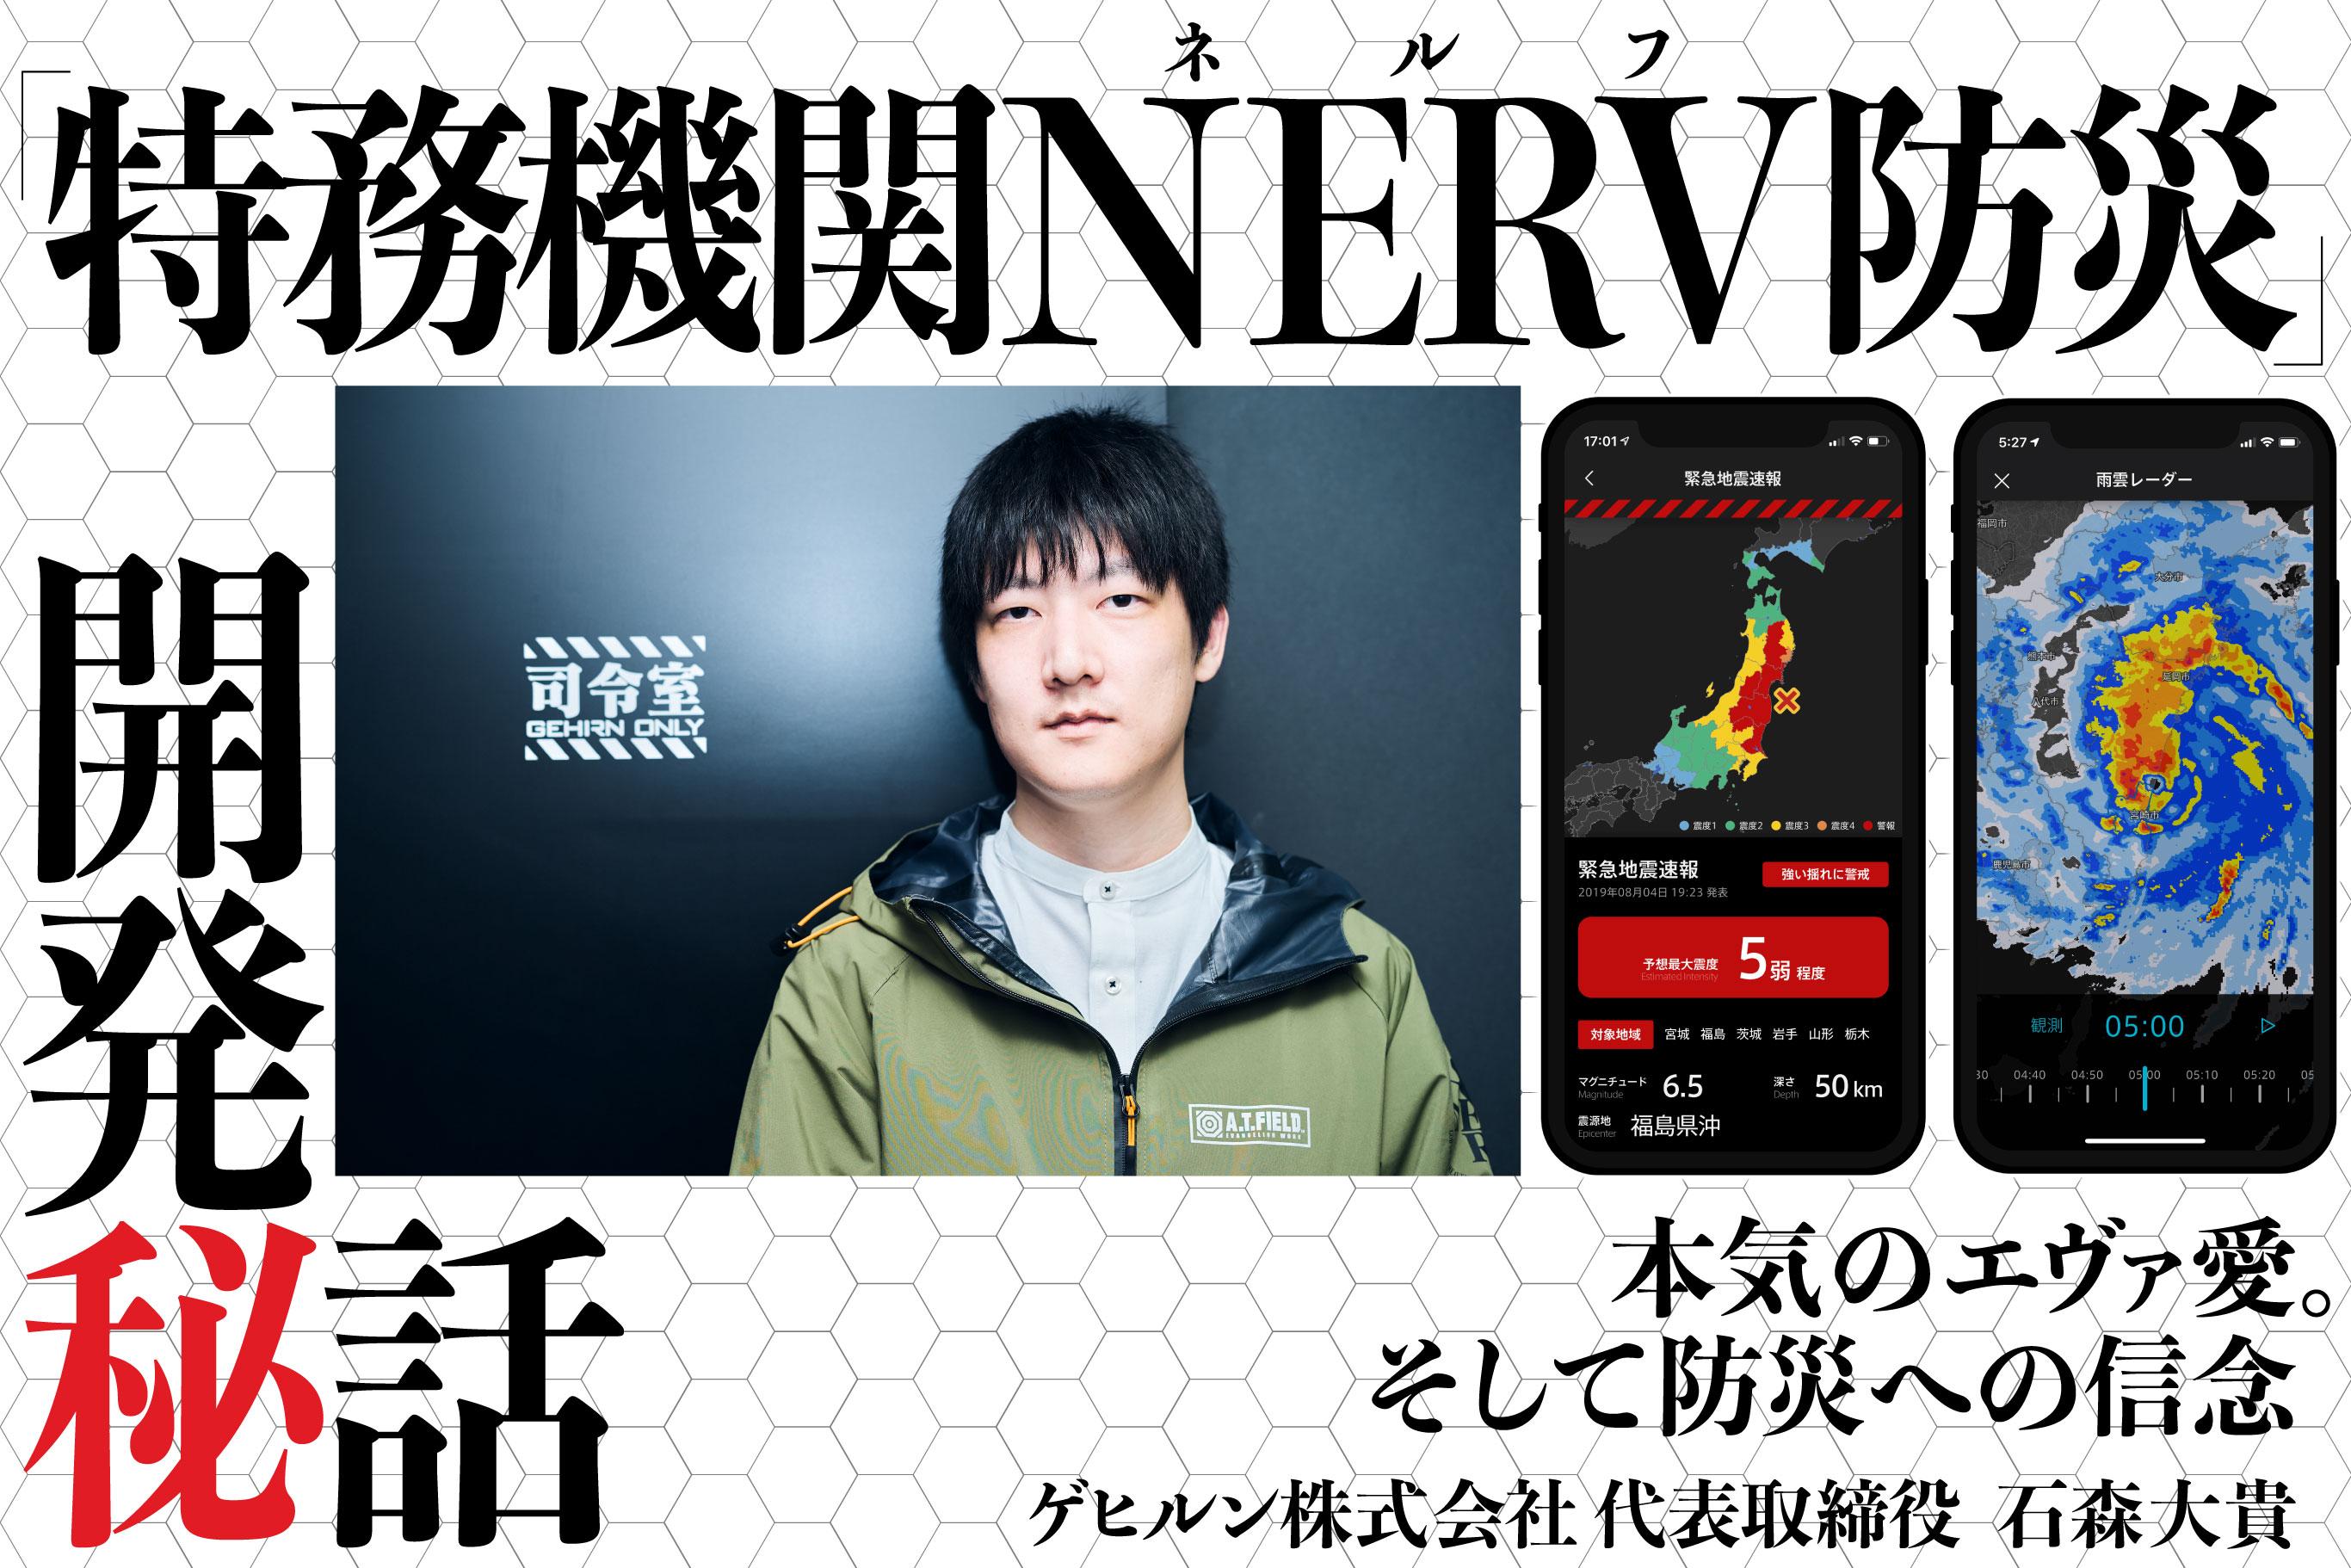 東日本大震災で味わった絶望。『エヴァ』好き青年が、「特務機関NERV」を始めるまで